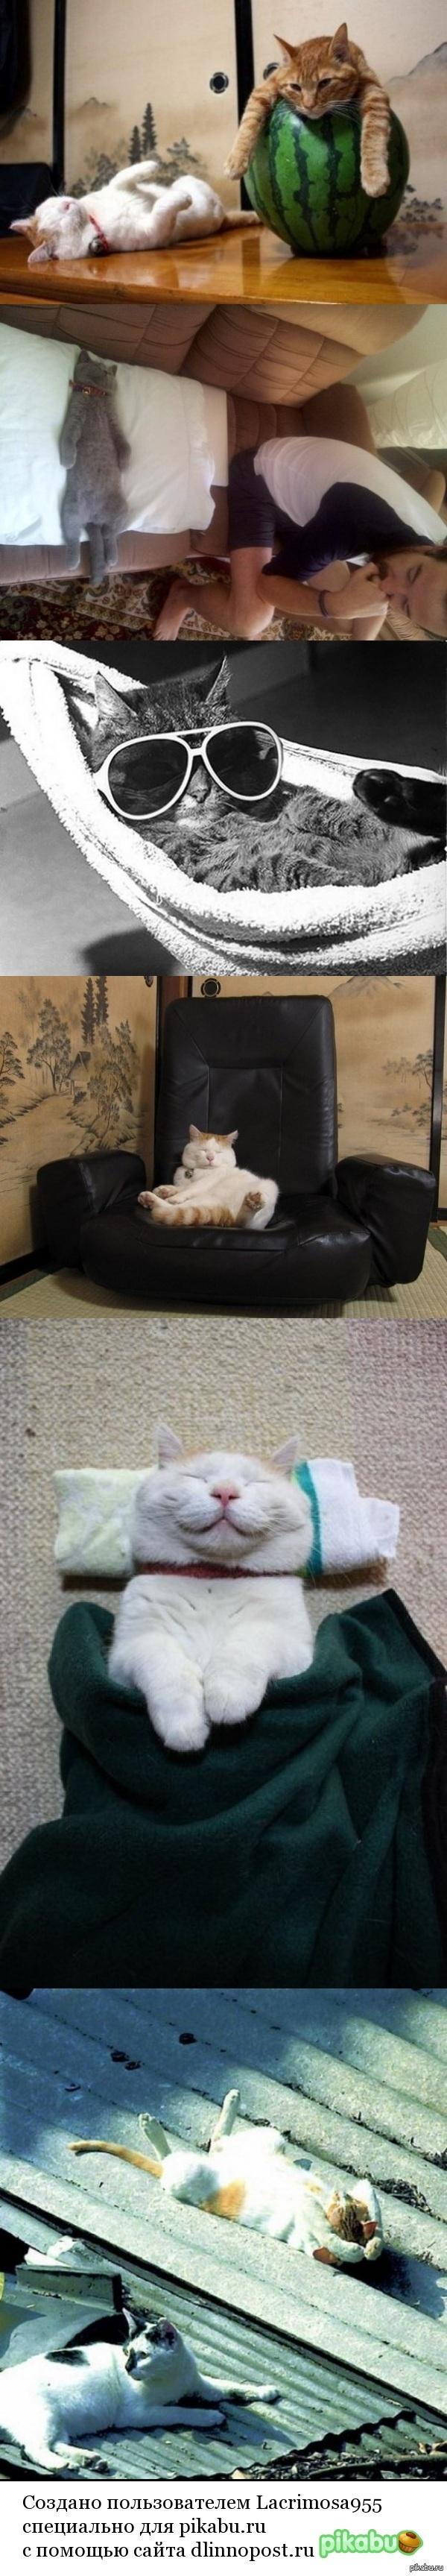 В разгаре рабочей недели жалею, что я не кот(